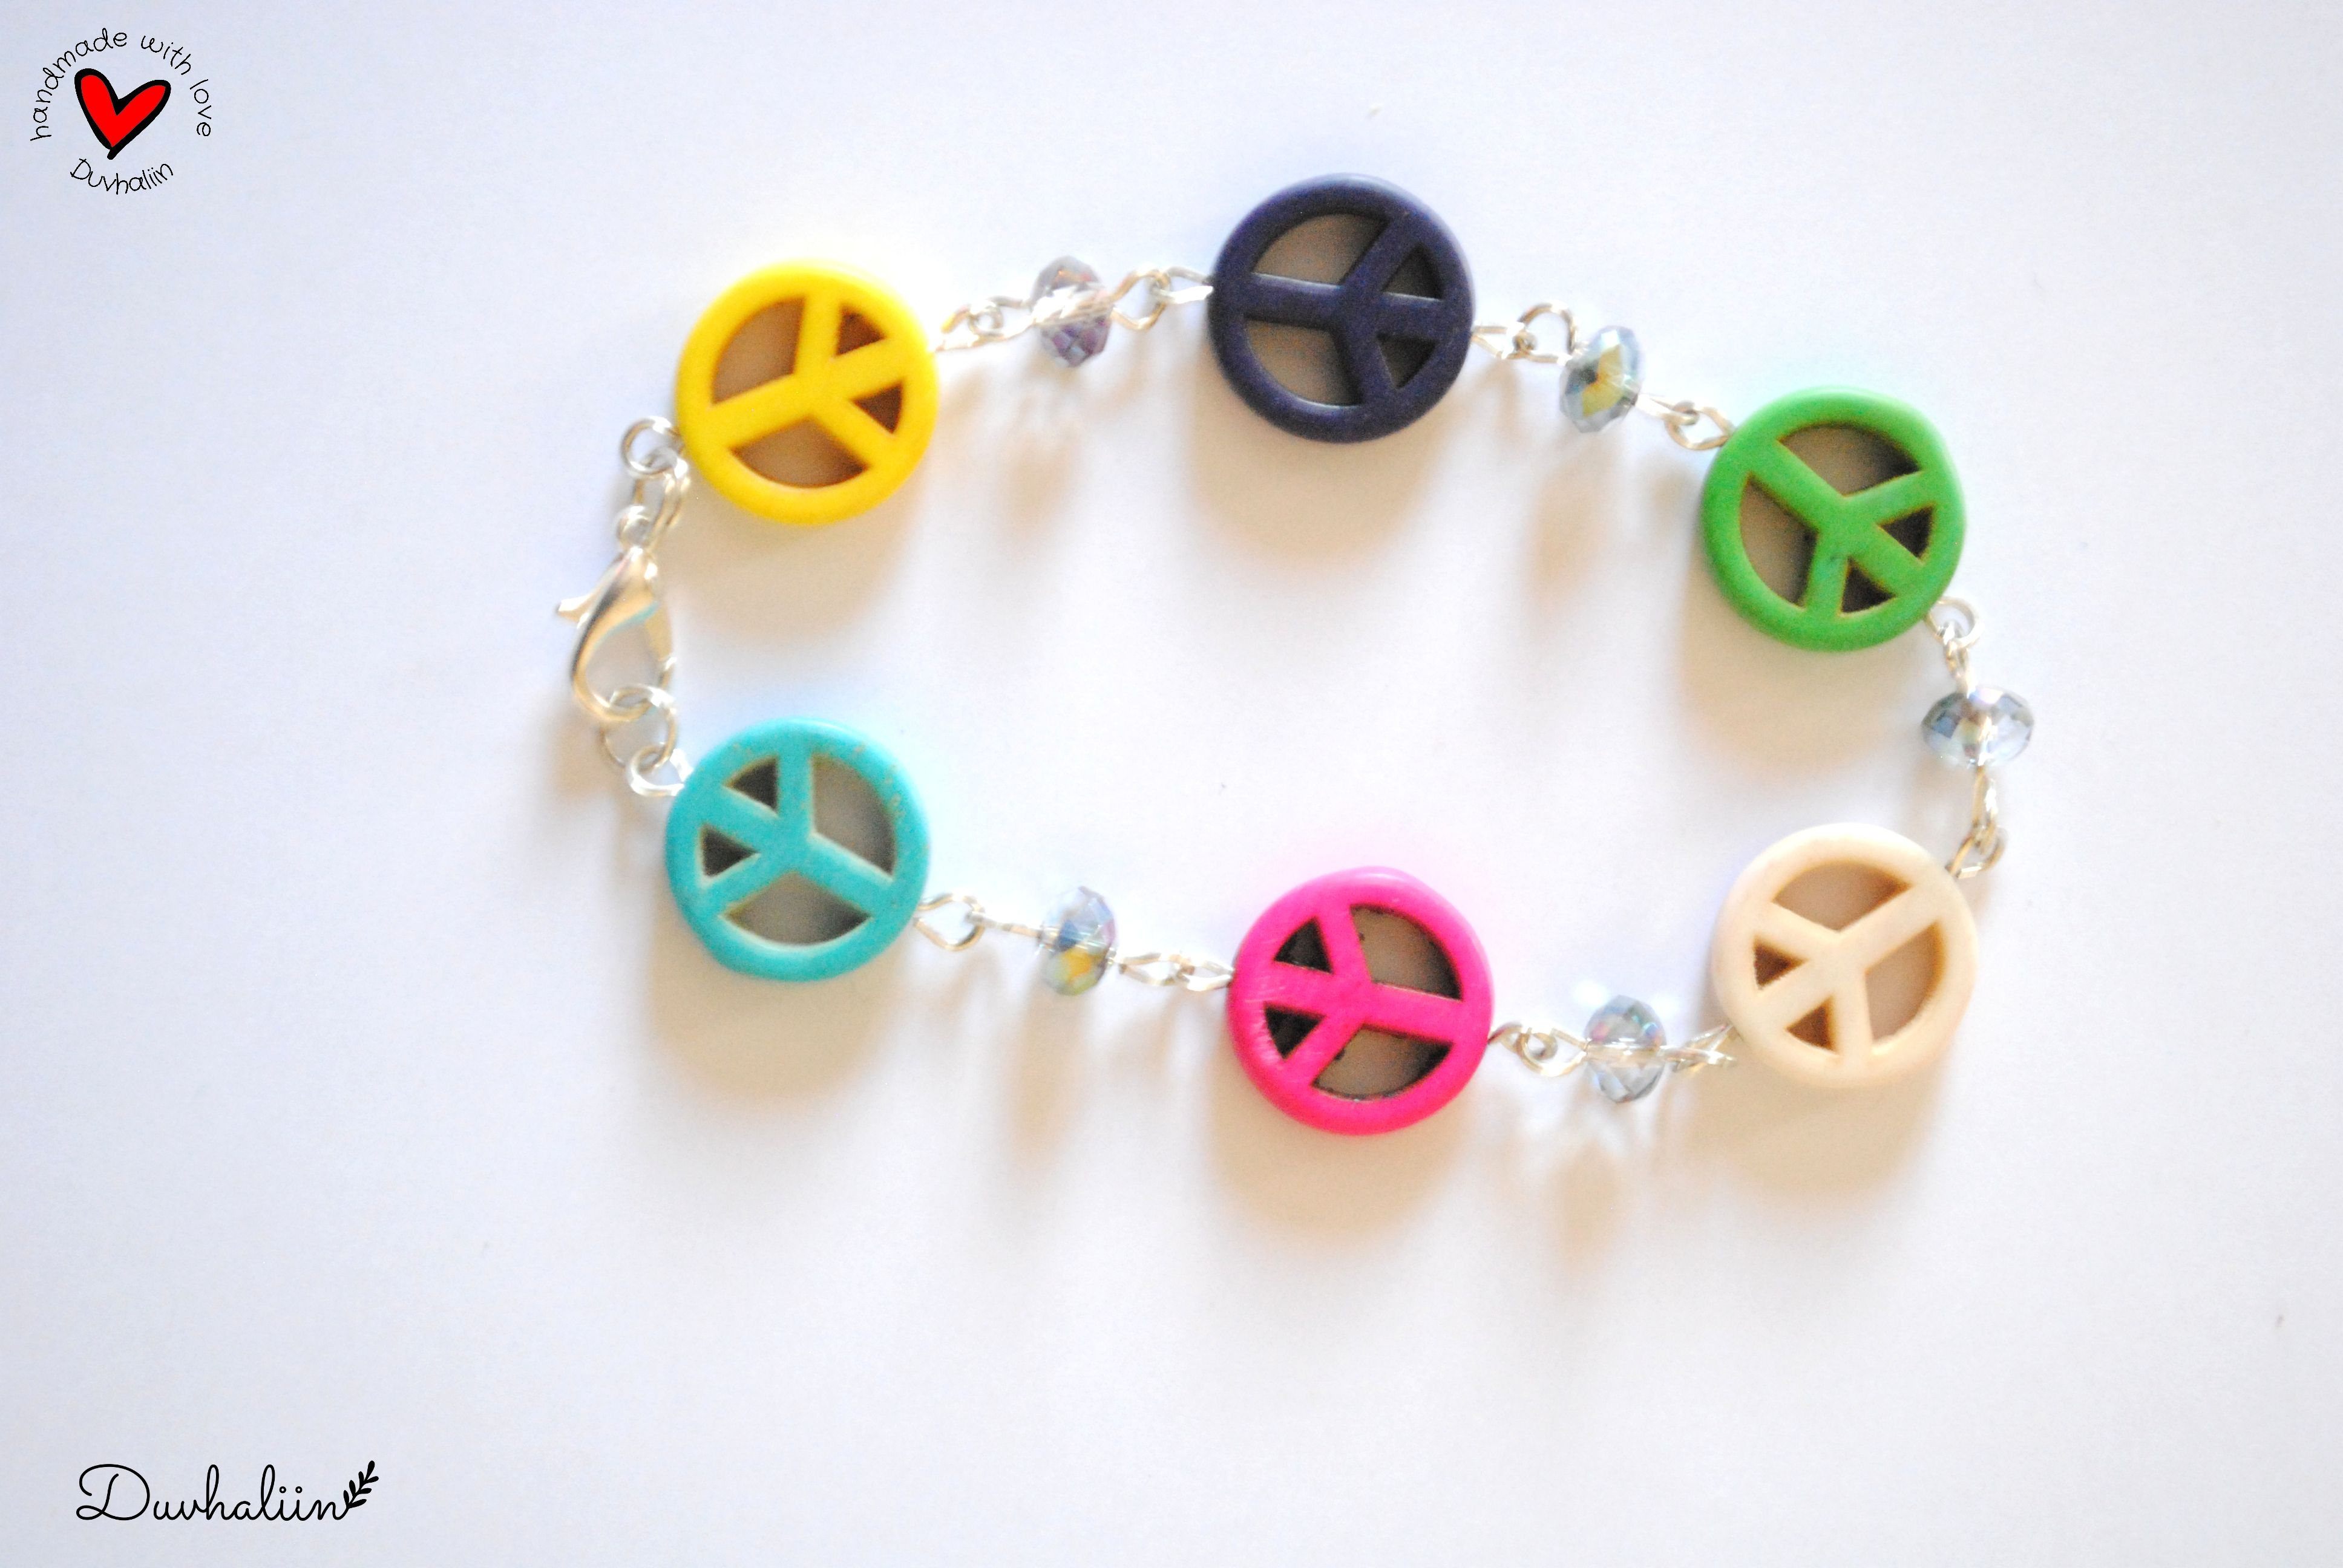 Pulsera ajustable con detalles en color plateado, cuentas de howlita con el simbolo de amor y paz y cuentas de cristal en color tornasol.